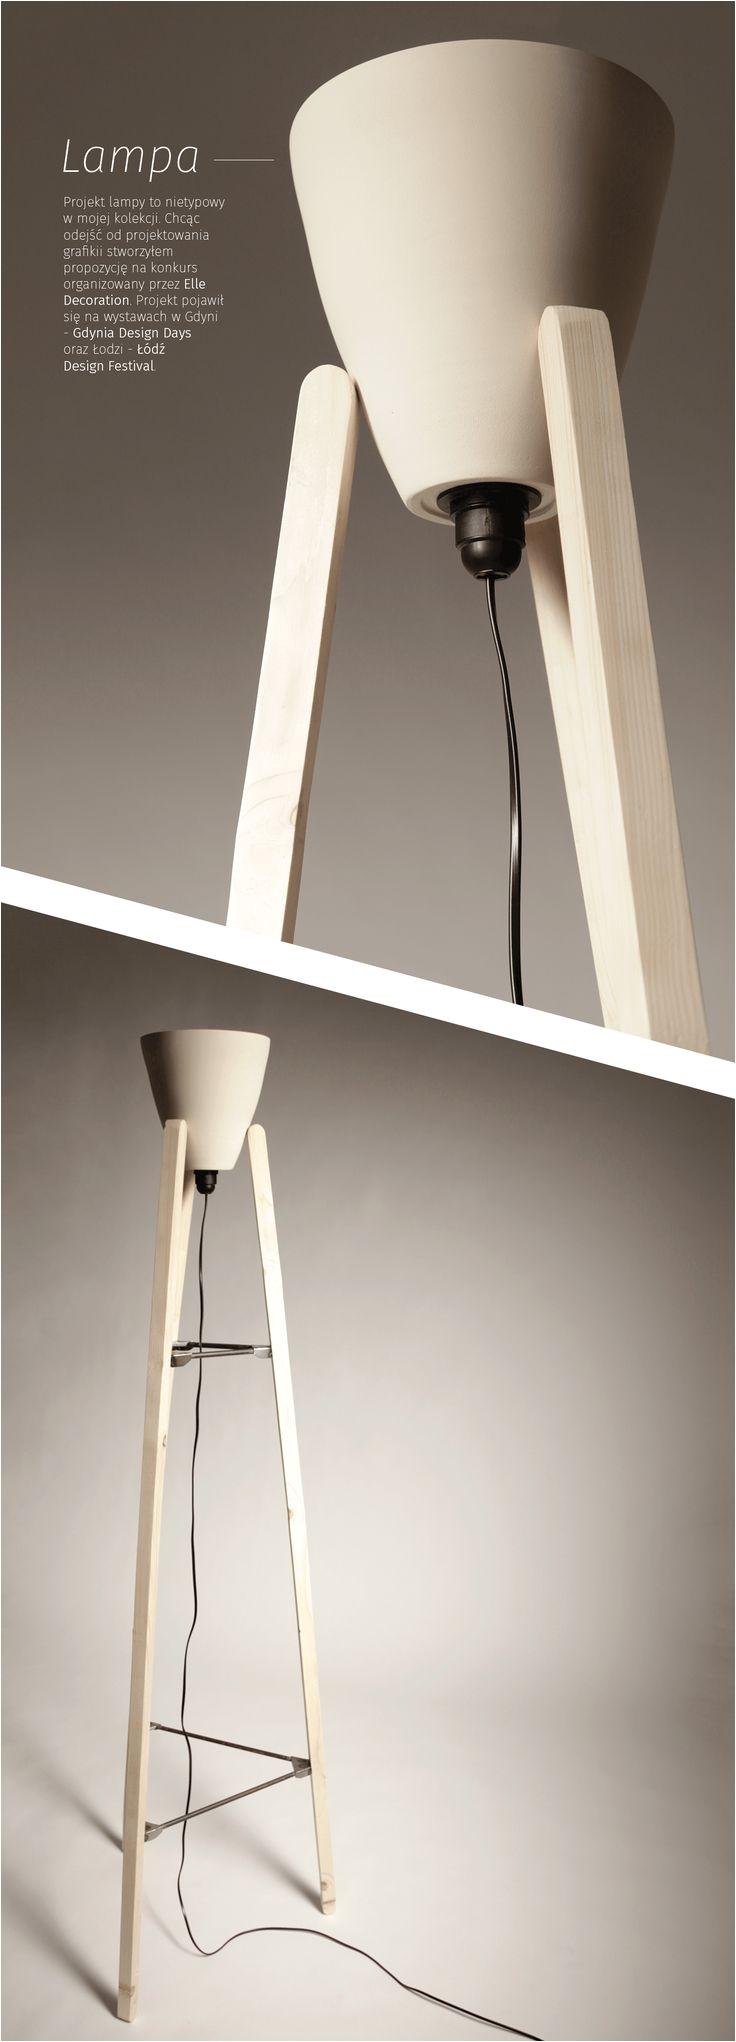 Lighting Stores In orlando 299 Best Lighting Images On Pinterest Light Design Lighting